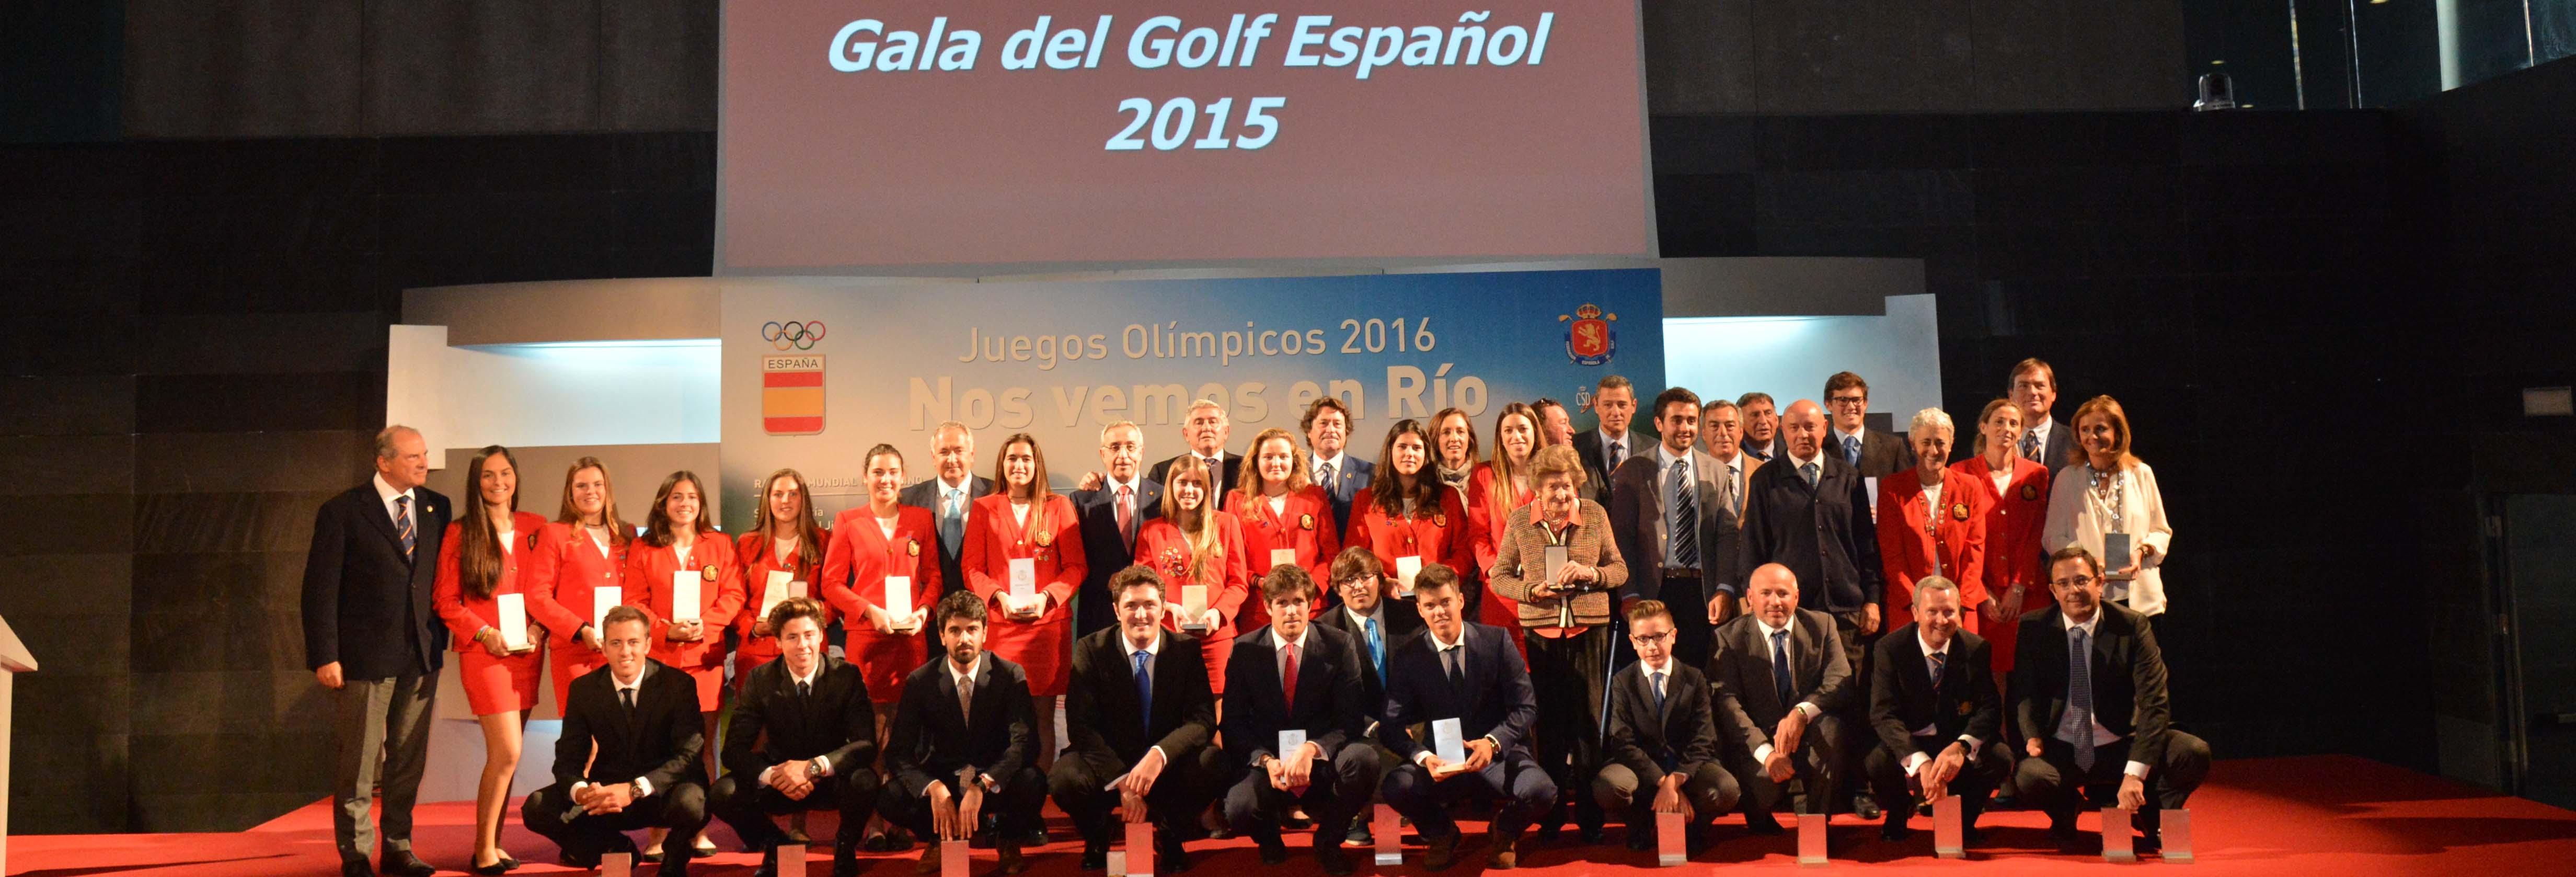 Gala Golf Español 2015